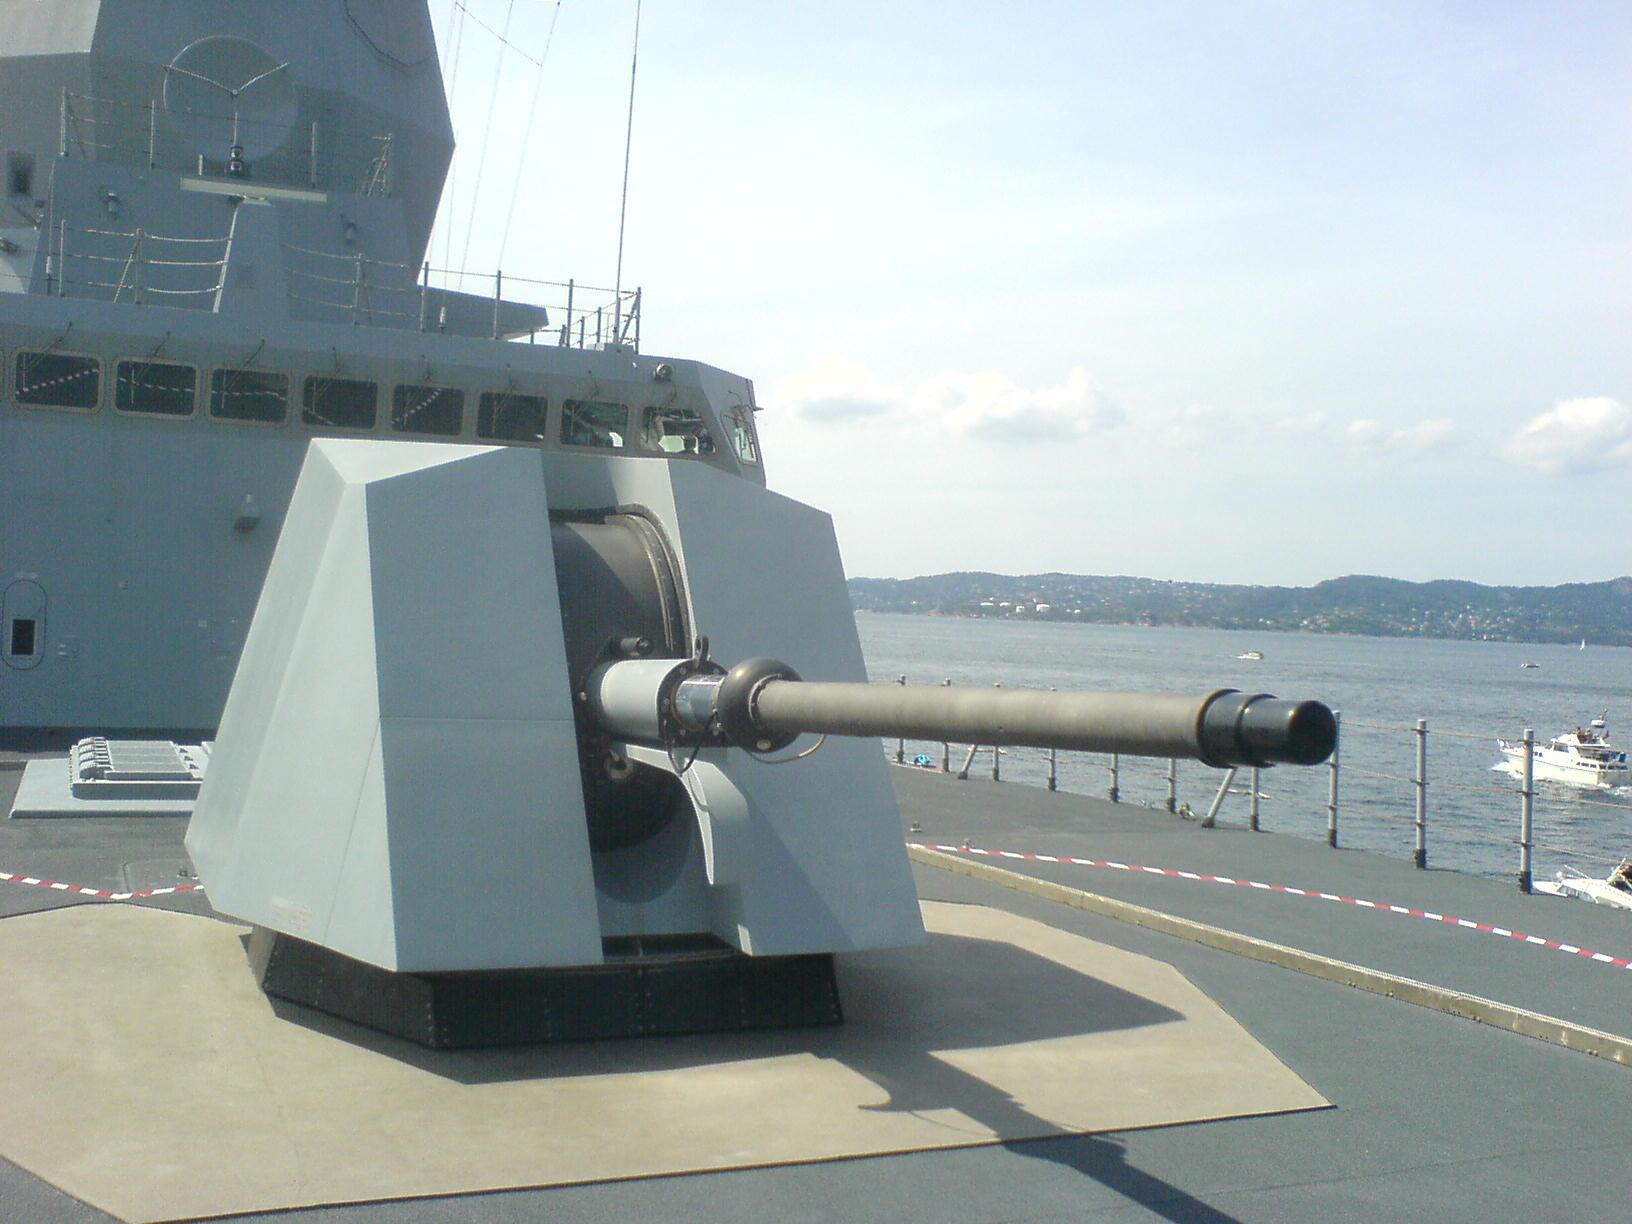 Armée Norvégienne - Page 2 Nansen-oto75mm-2006-07-03